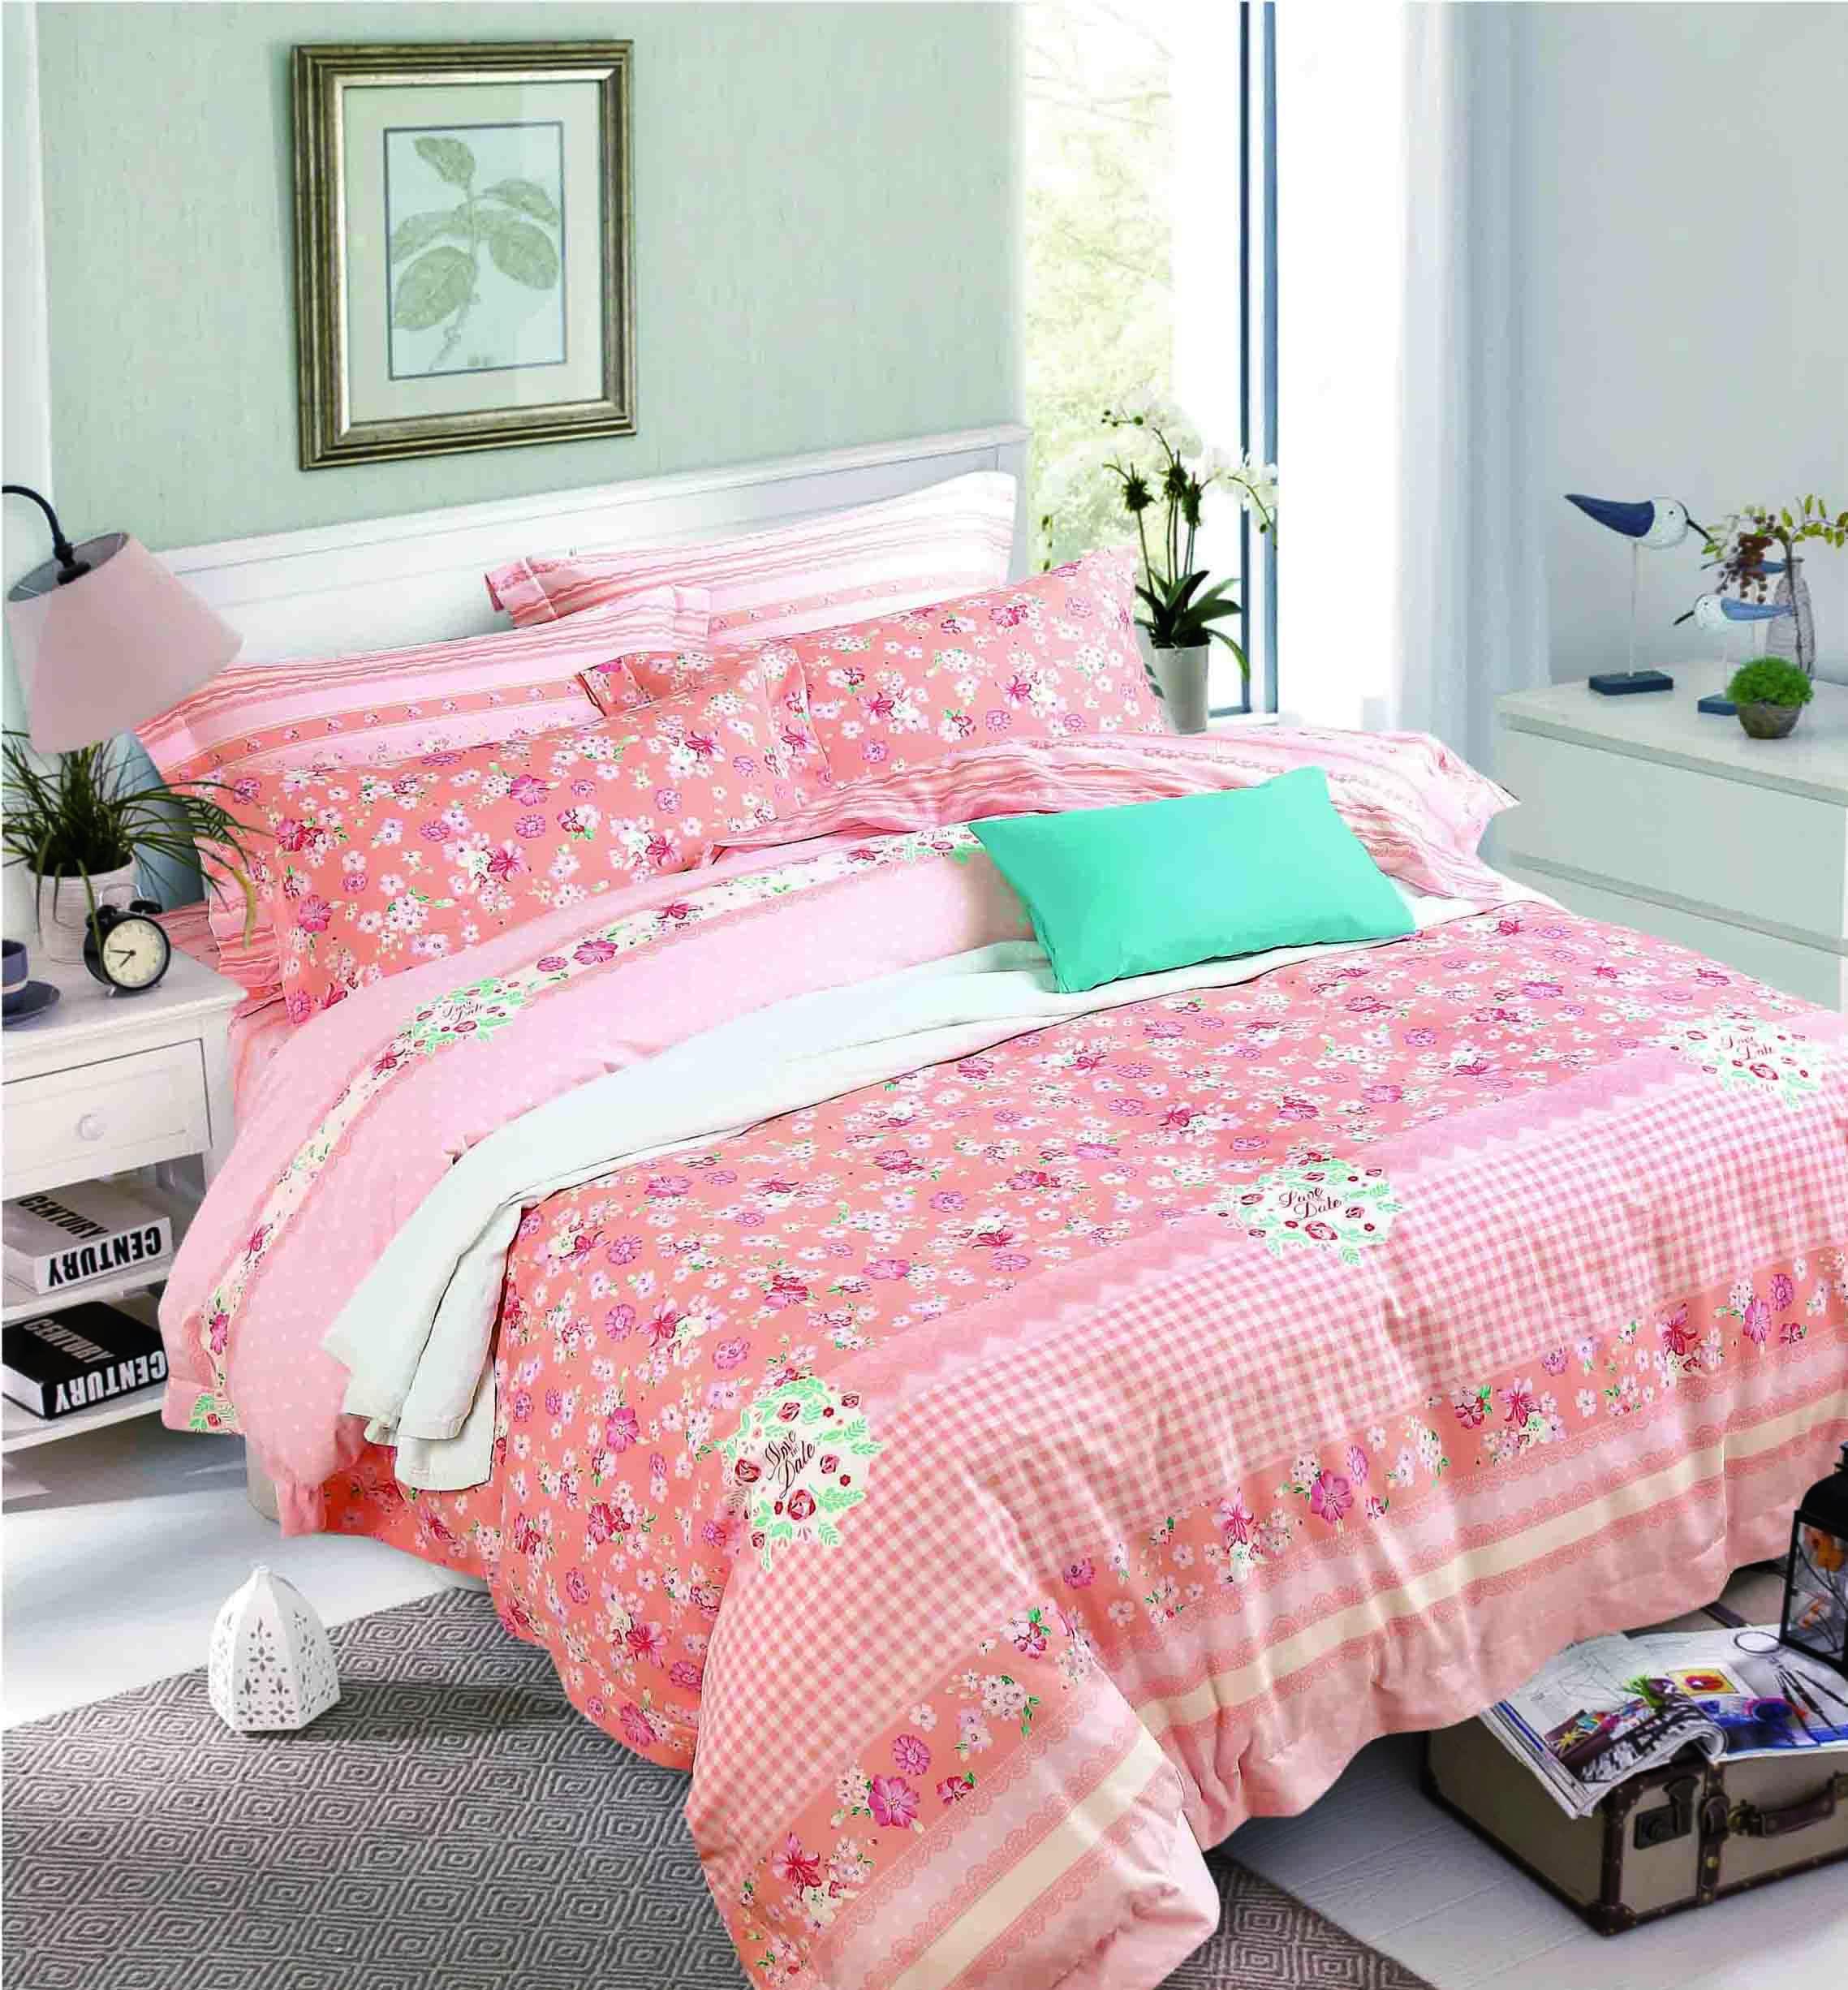 Daphne Long-staple Cotton Bedding Set Plaid Patterns 171408 100% Cotton Printed image3